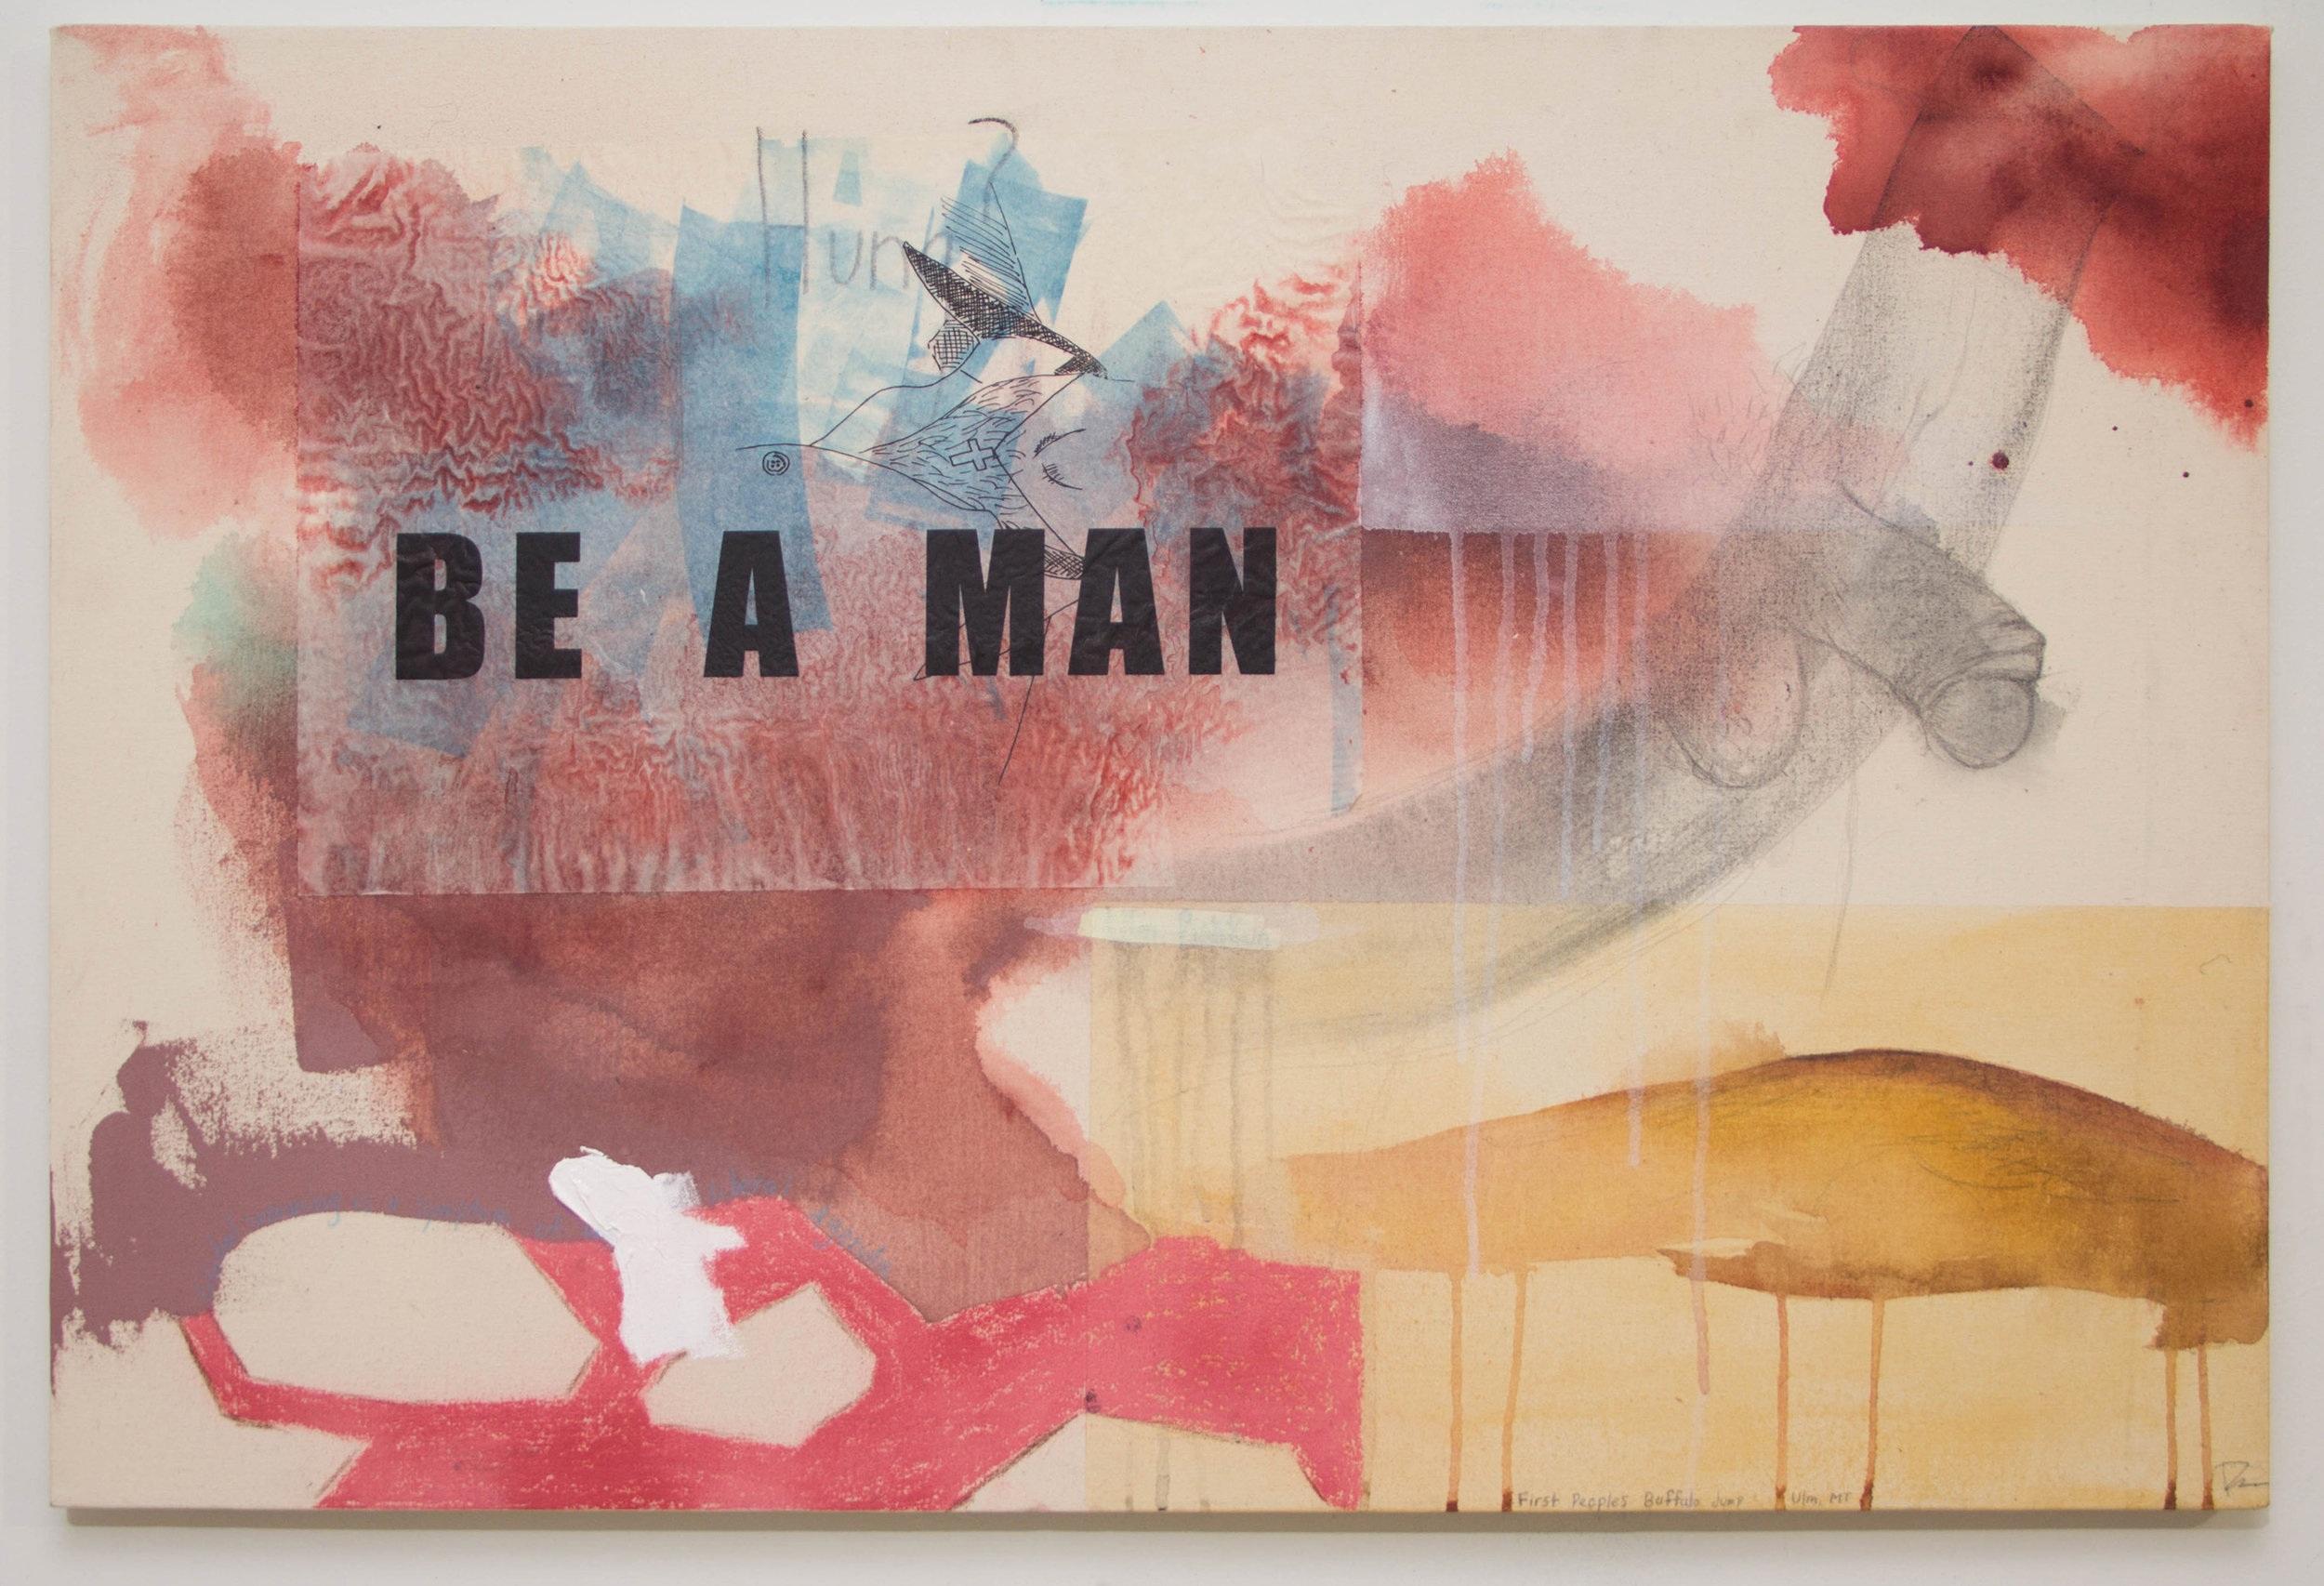 A Bleeding Heart Doesn't Make a Man